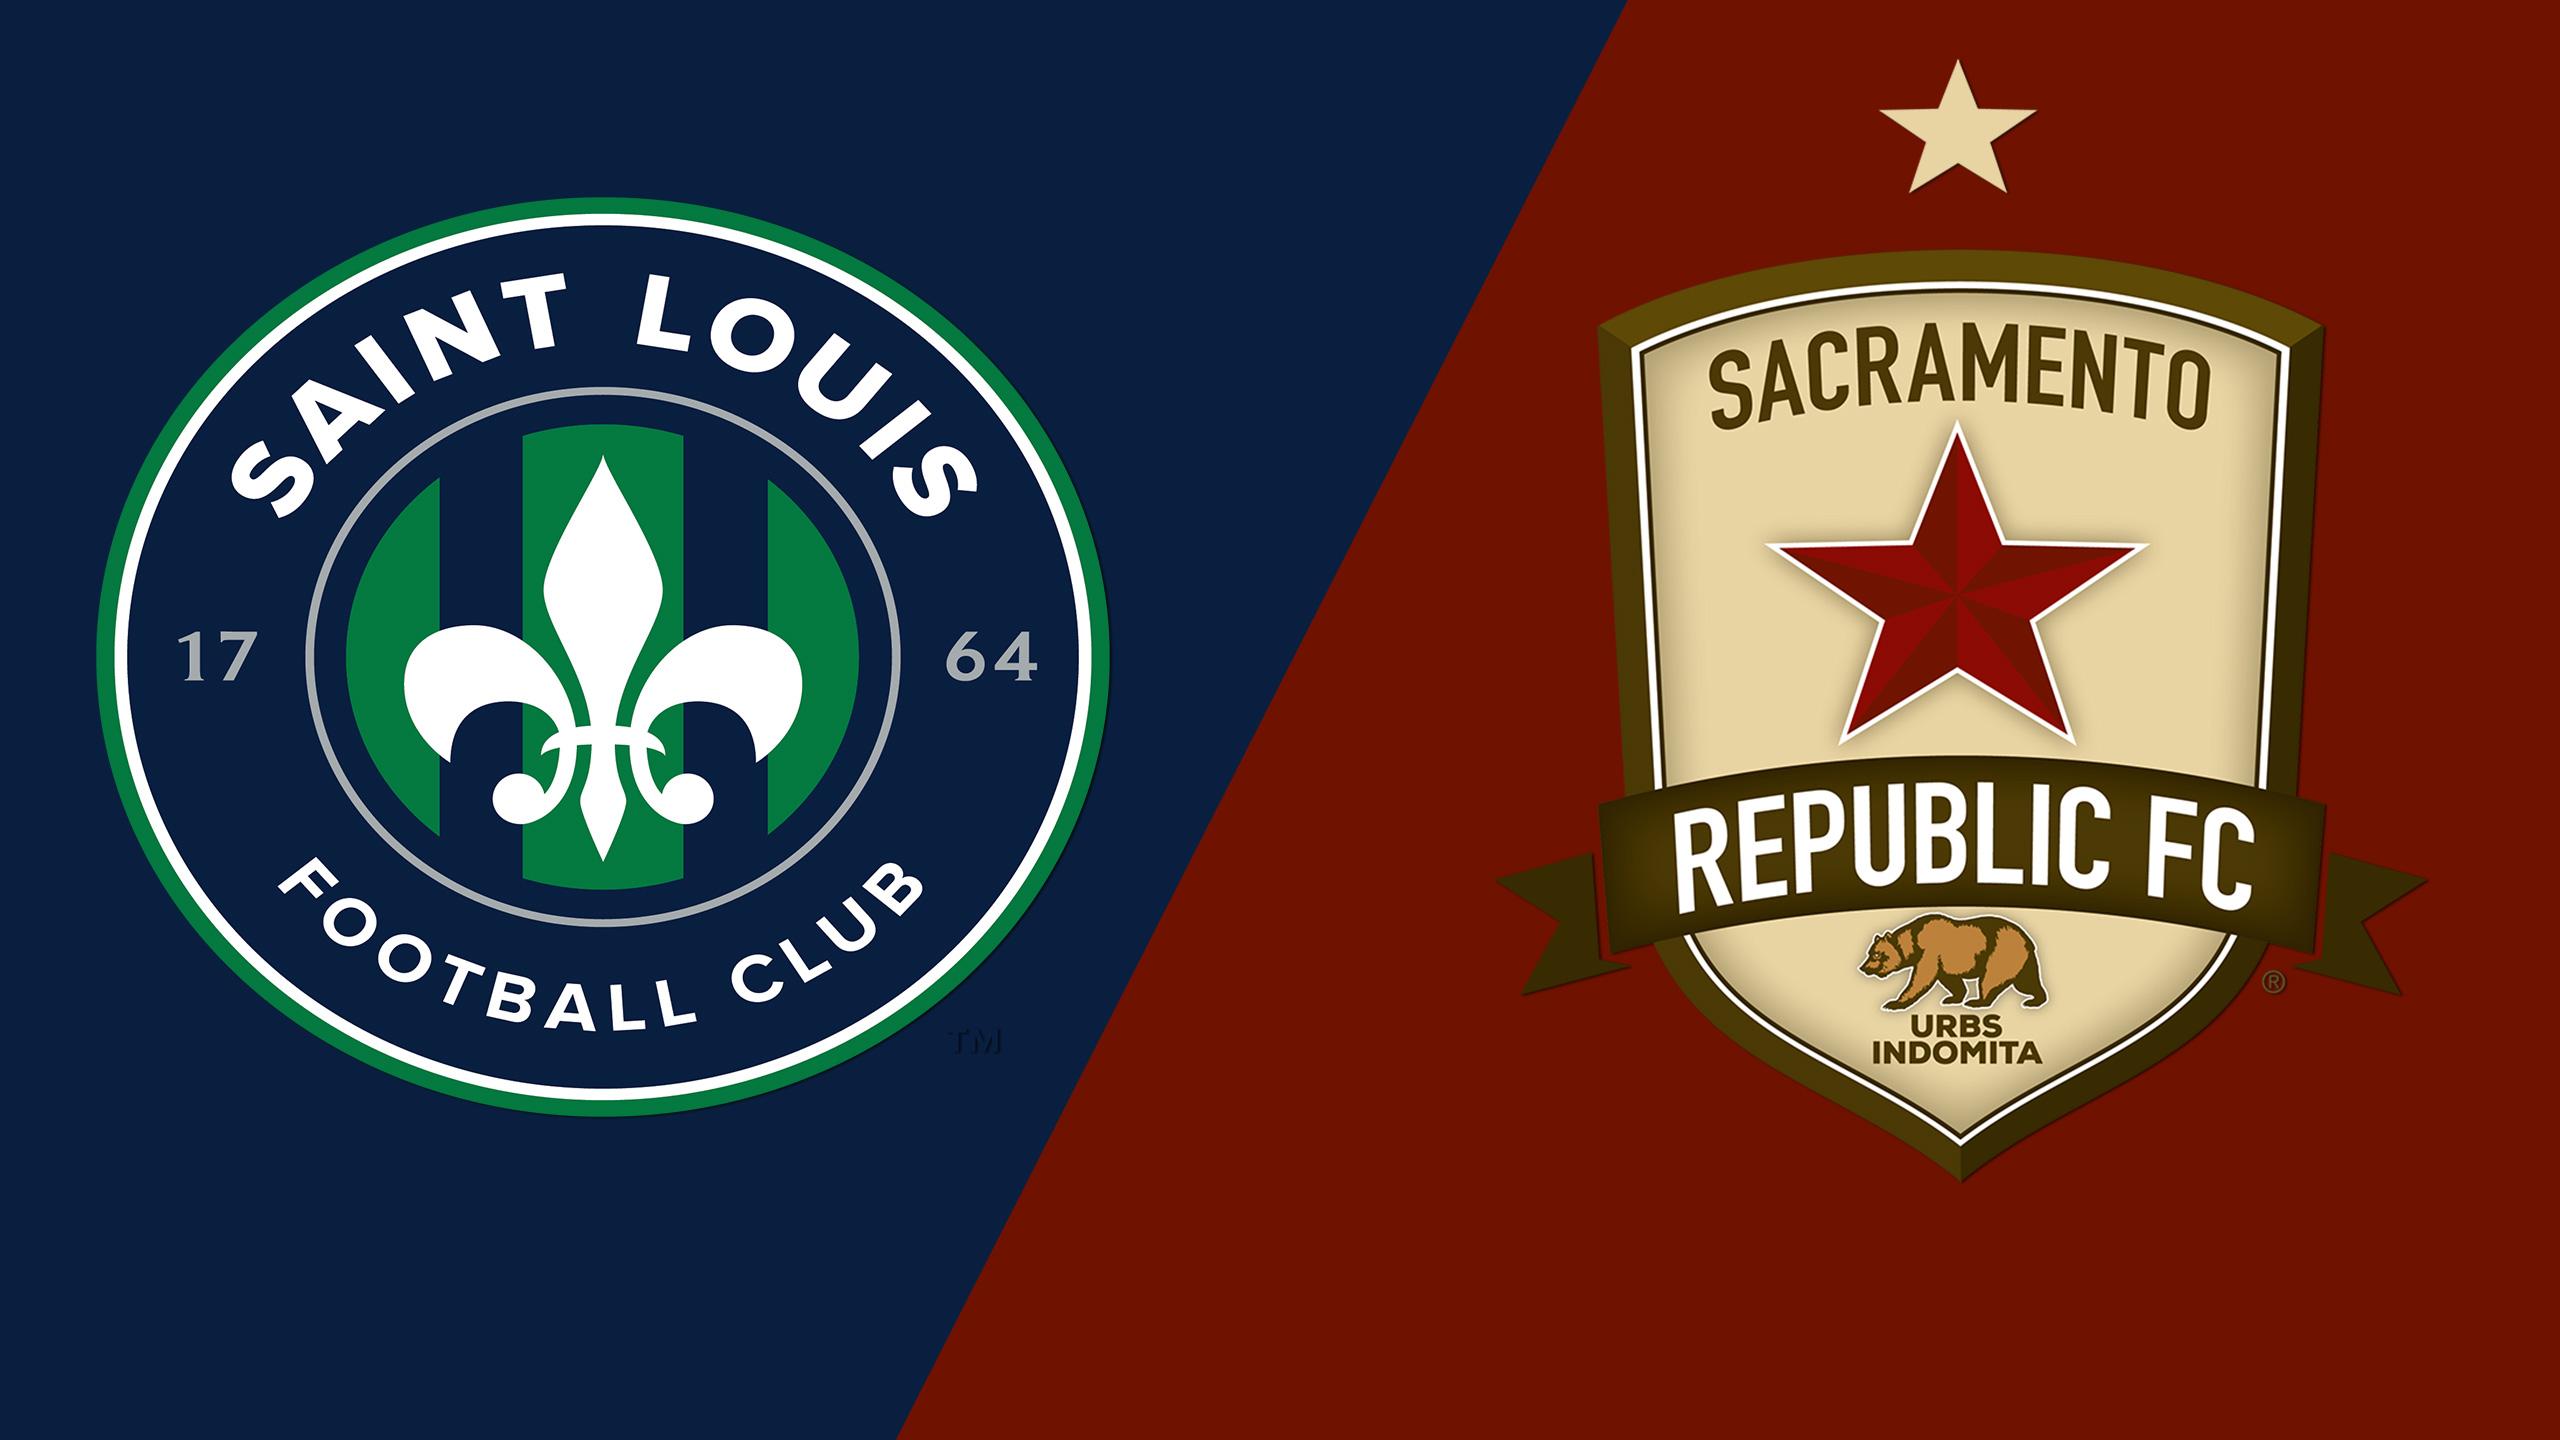 Saint Louis FC vs. Sacramento Republic FC